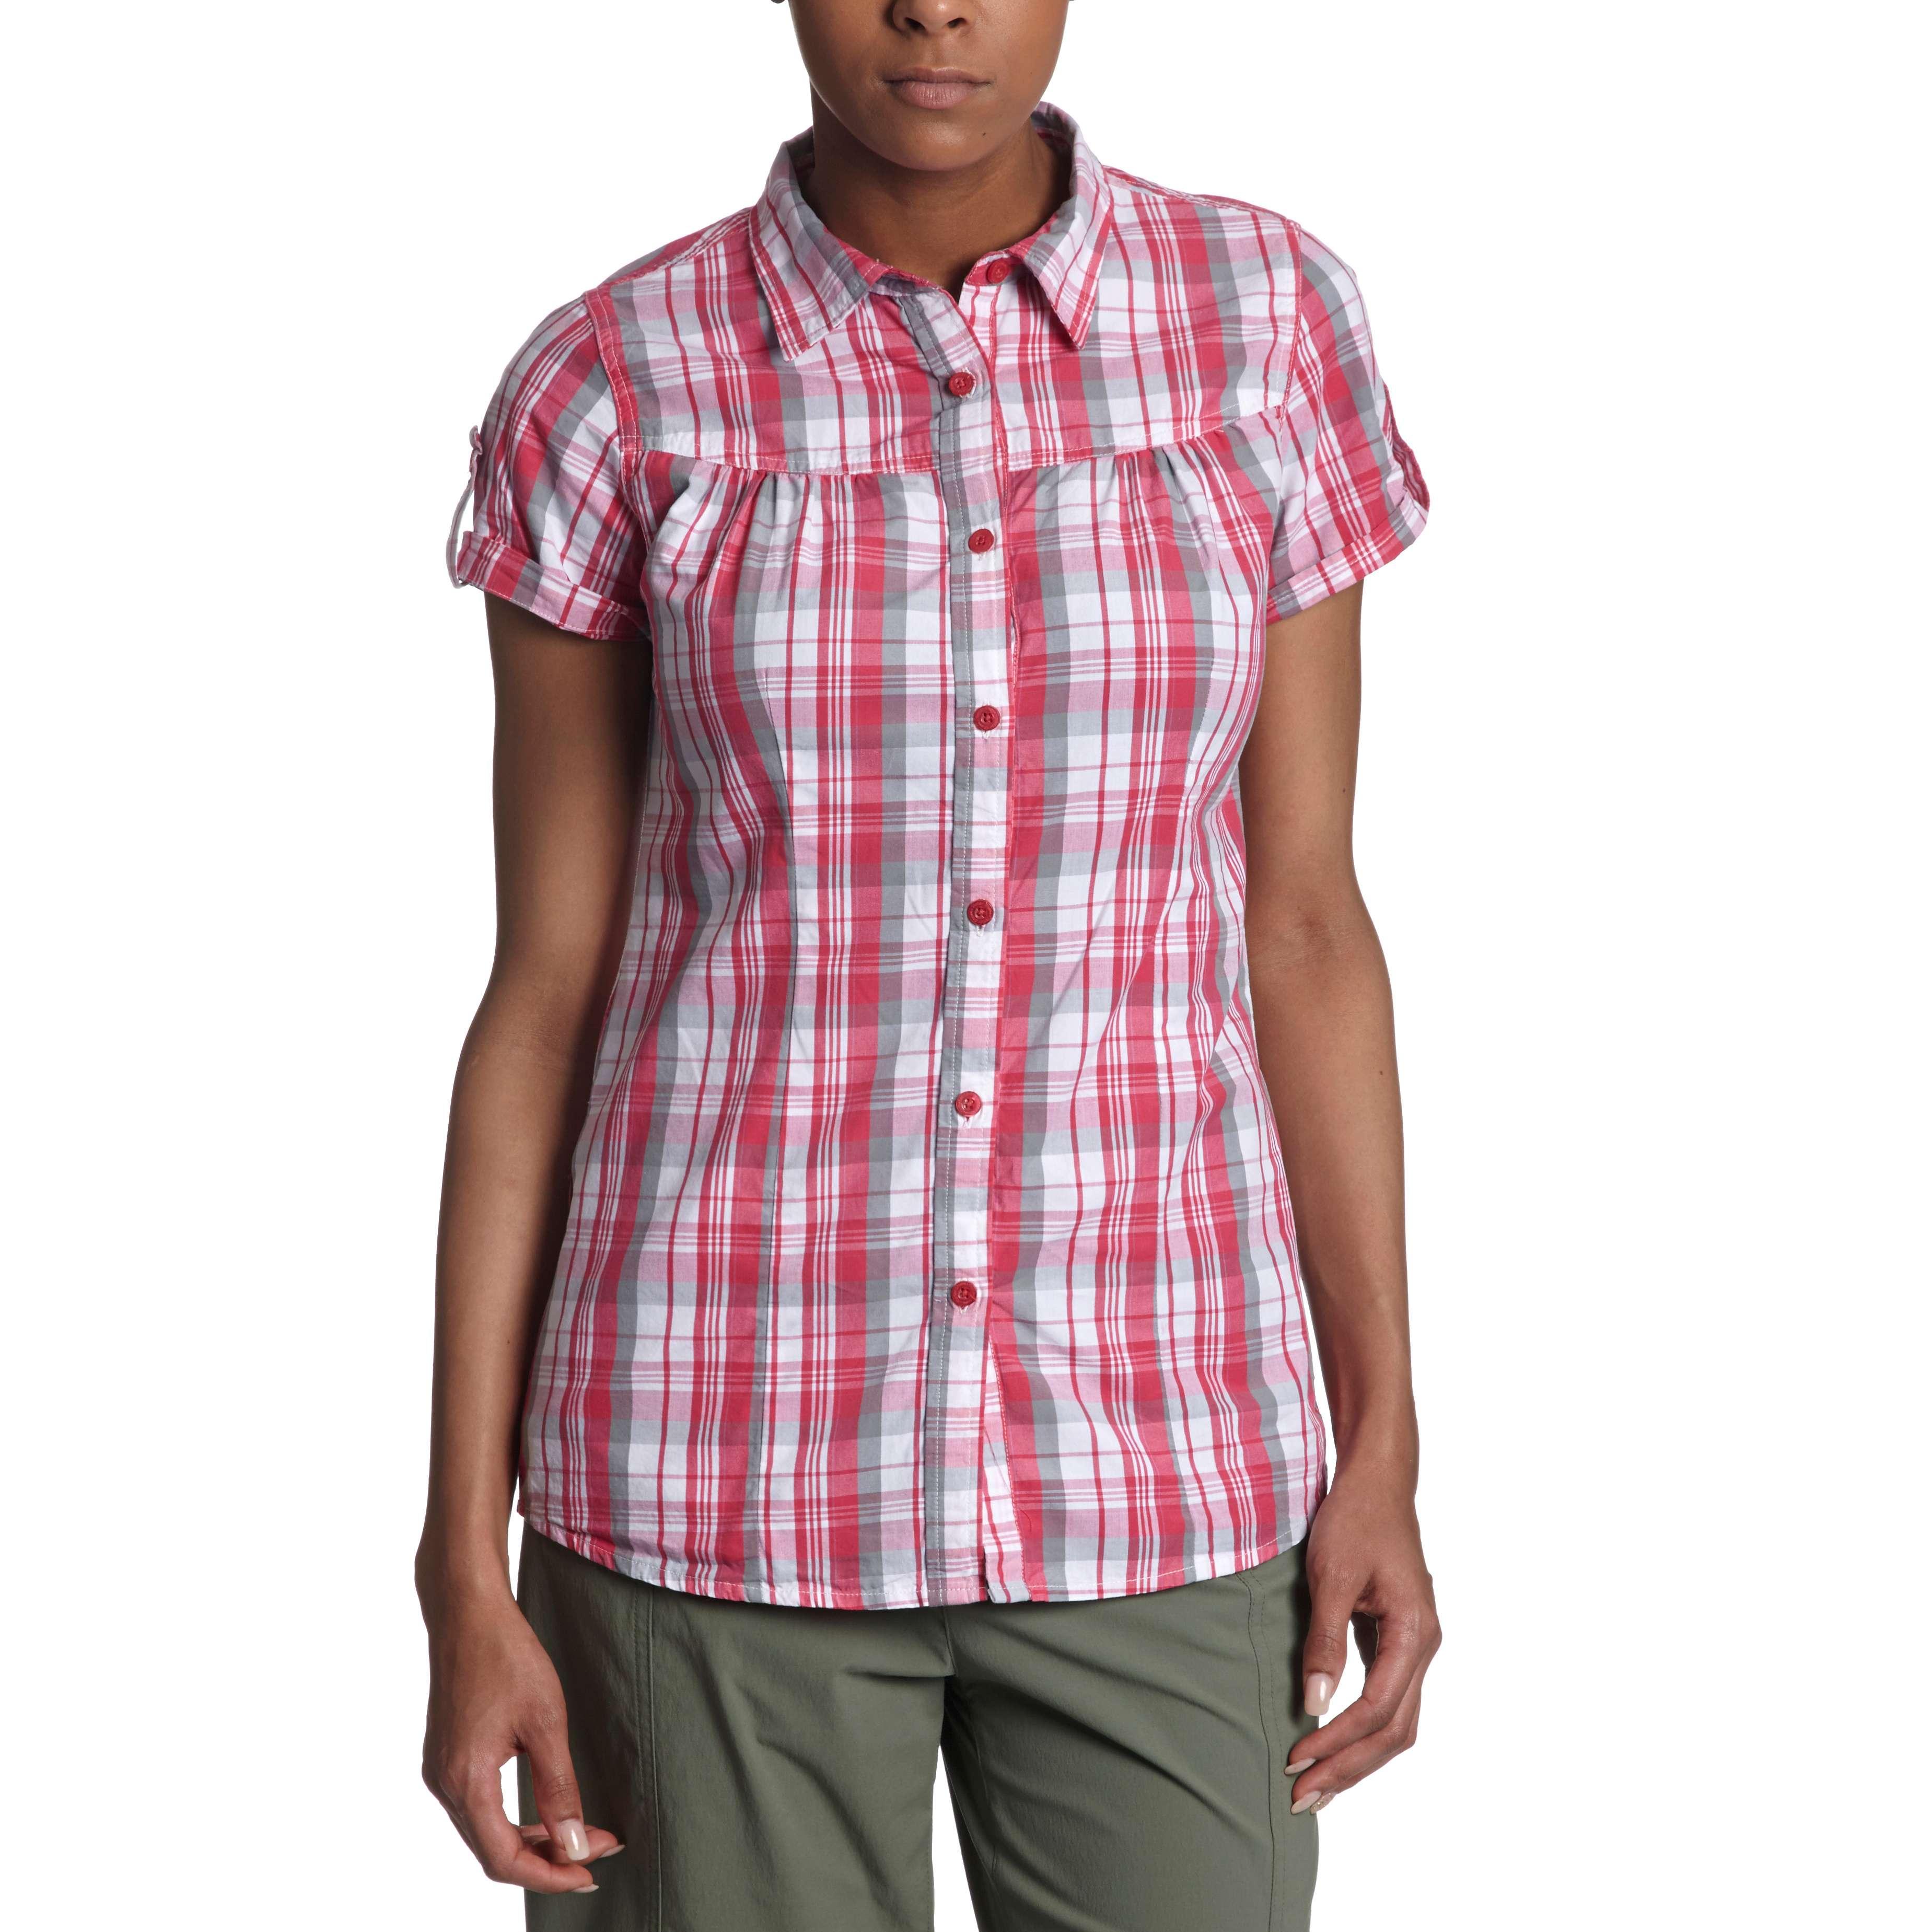 PETER STORM Women's Short-Sleeved Shirt